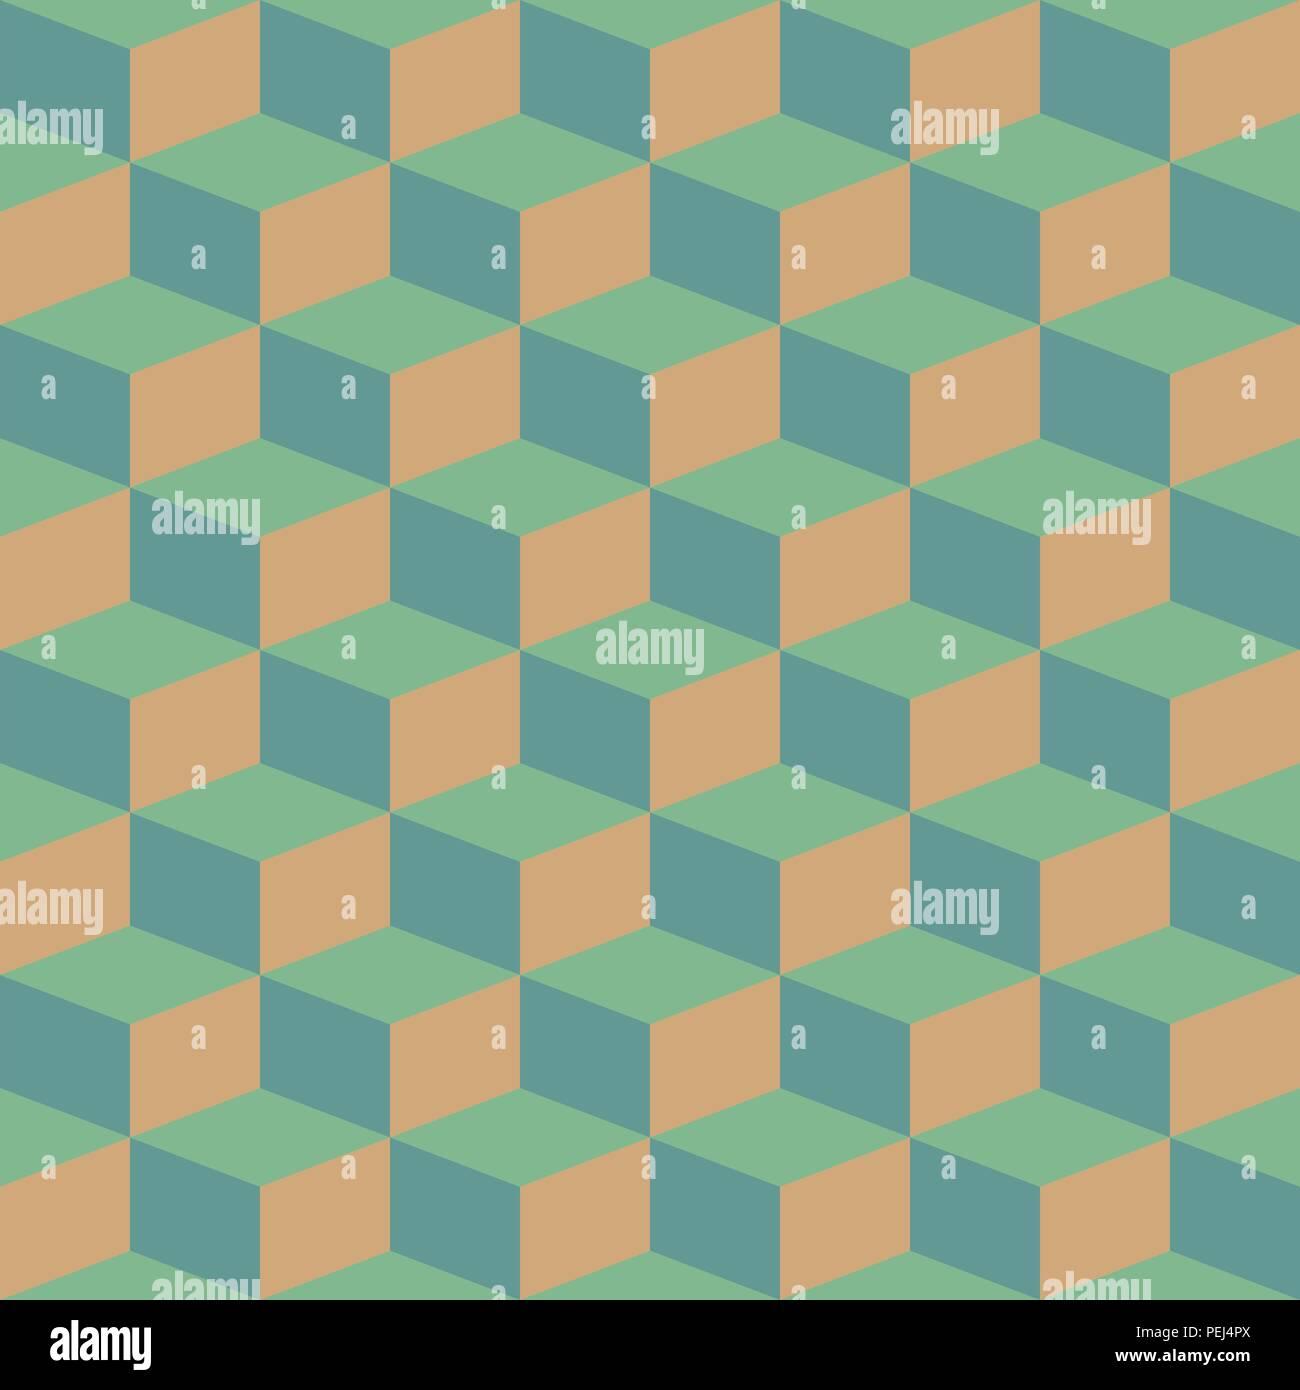 Bloques abstractos ilusión visual perfecta patrón retro contraste Imagen De Stock